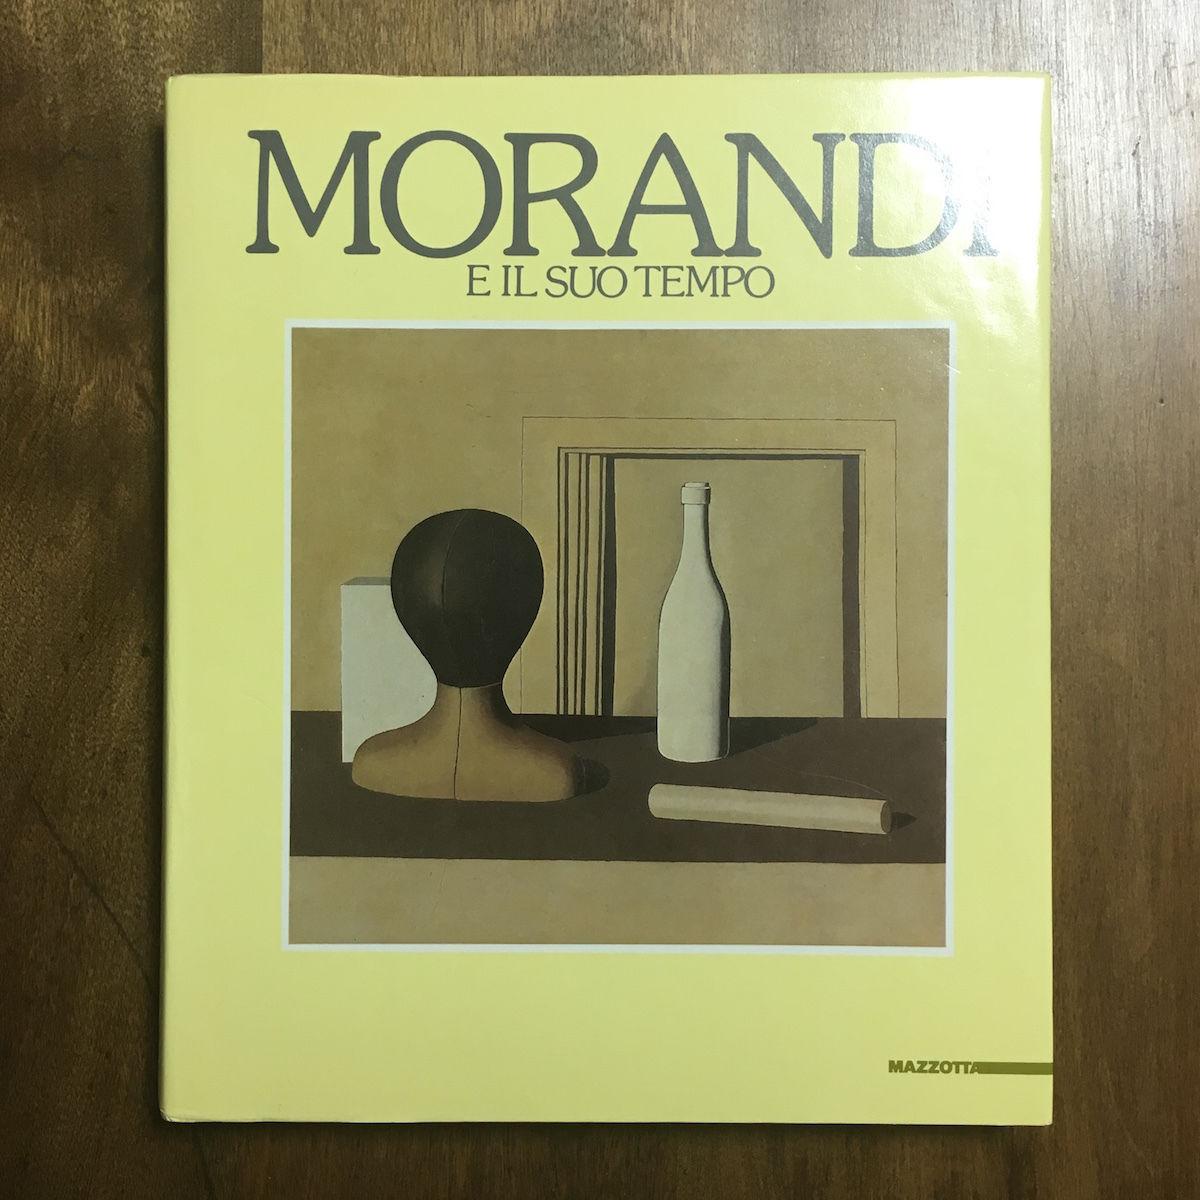 「MORANDI E IL SUO TEMPO」ジョルジュ・モランディ